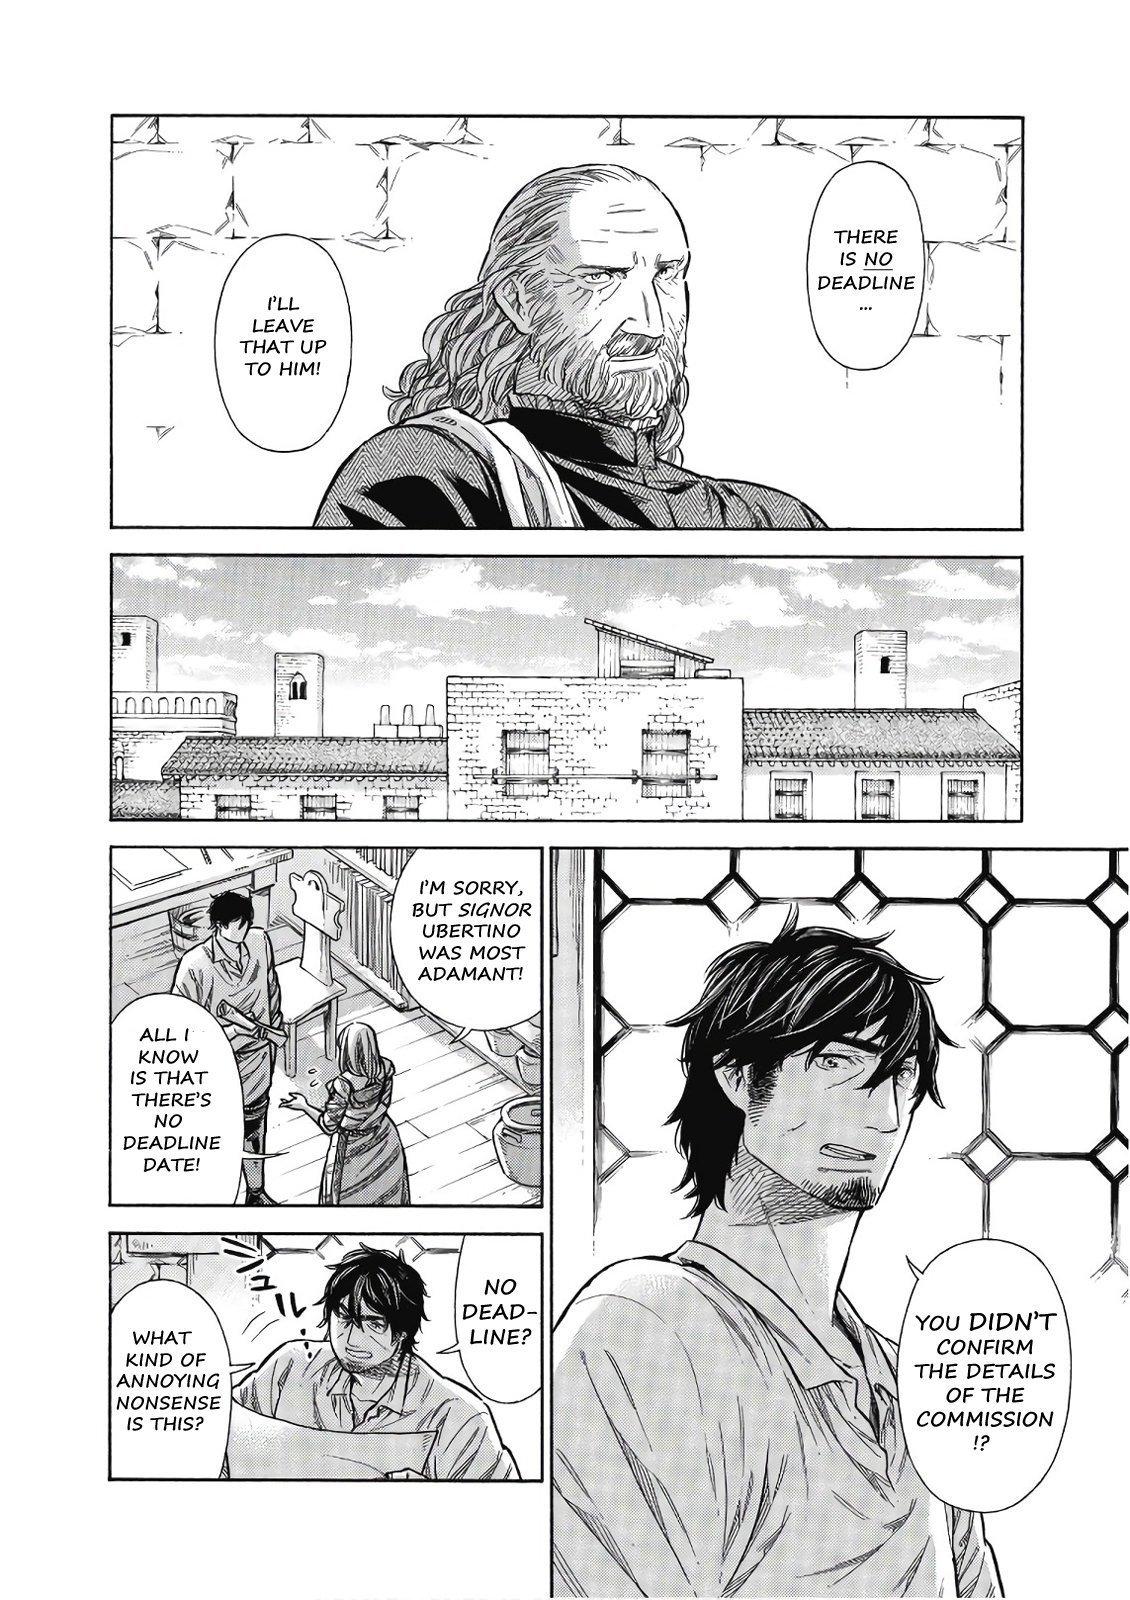 Manga Arte - Chapter 41 Page 11